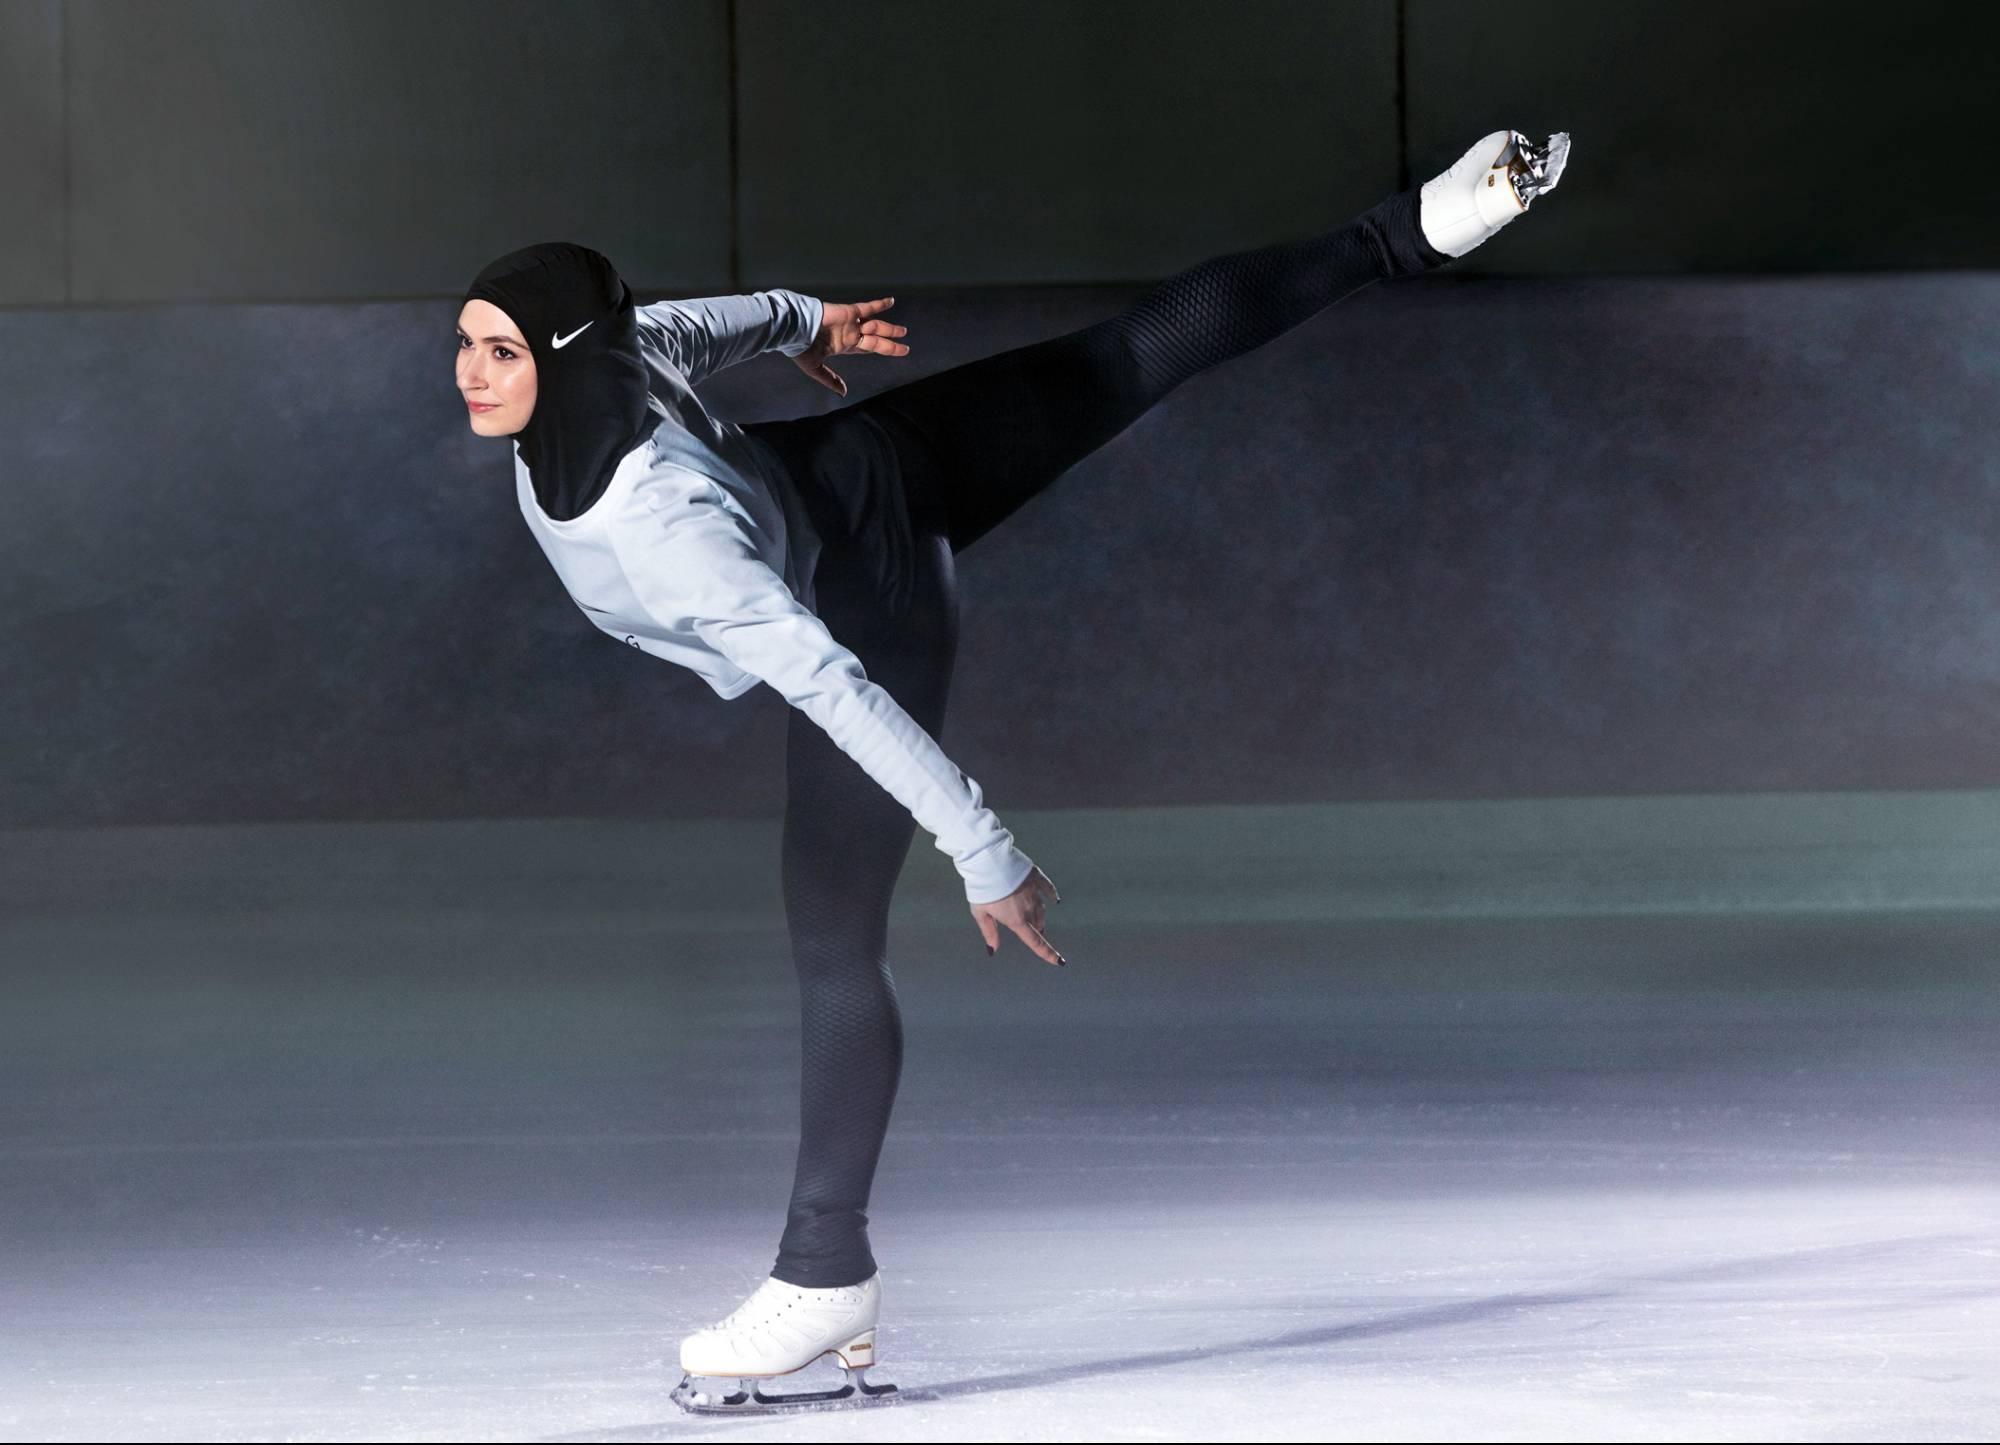 Image result for muslim athlete zahra lari